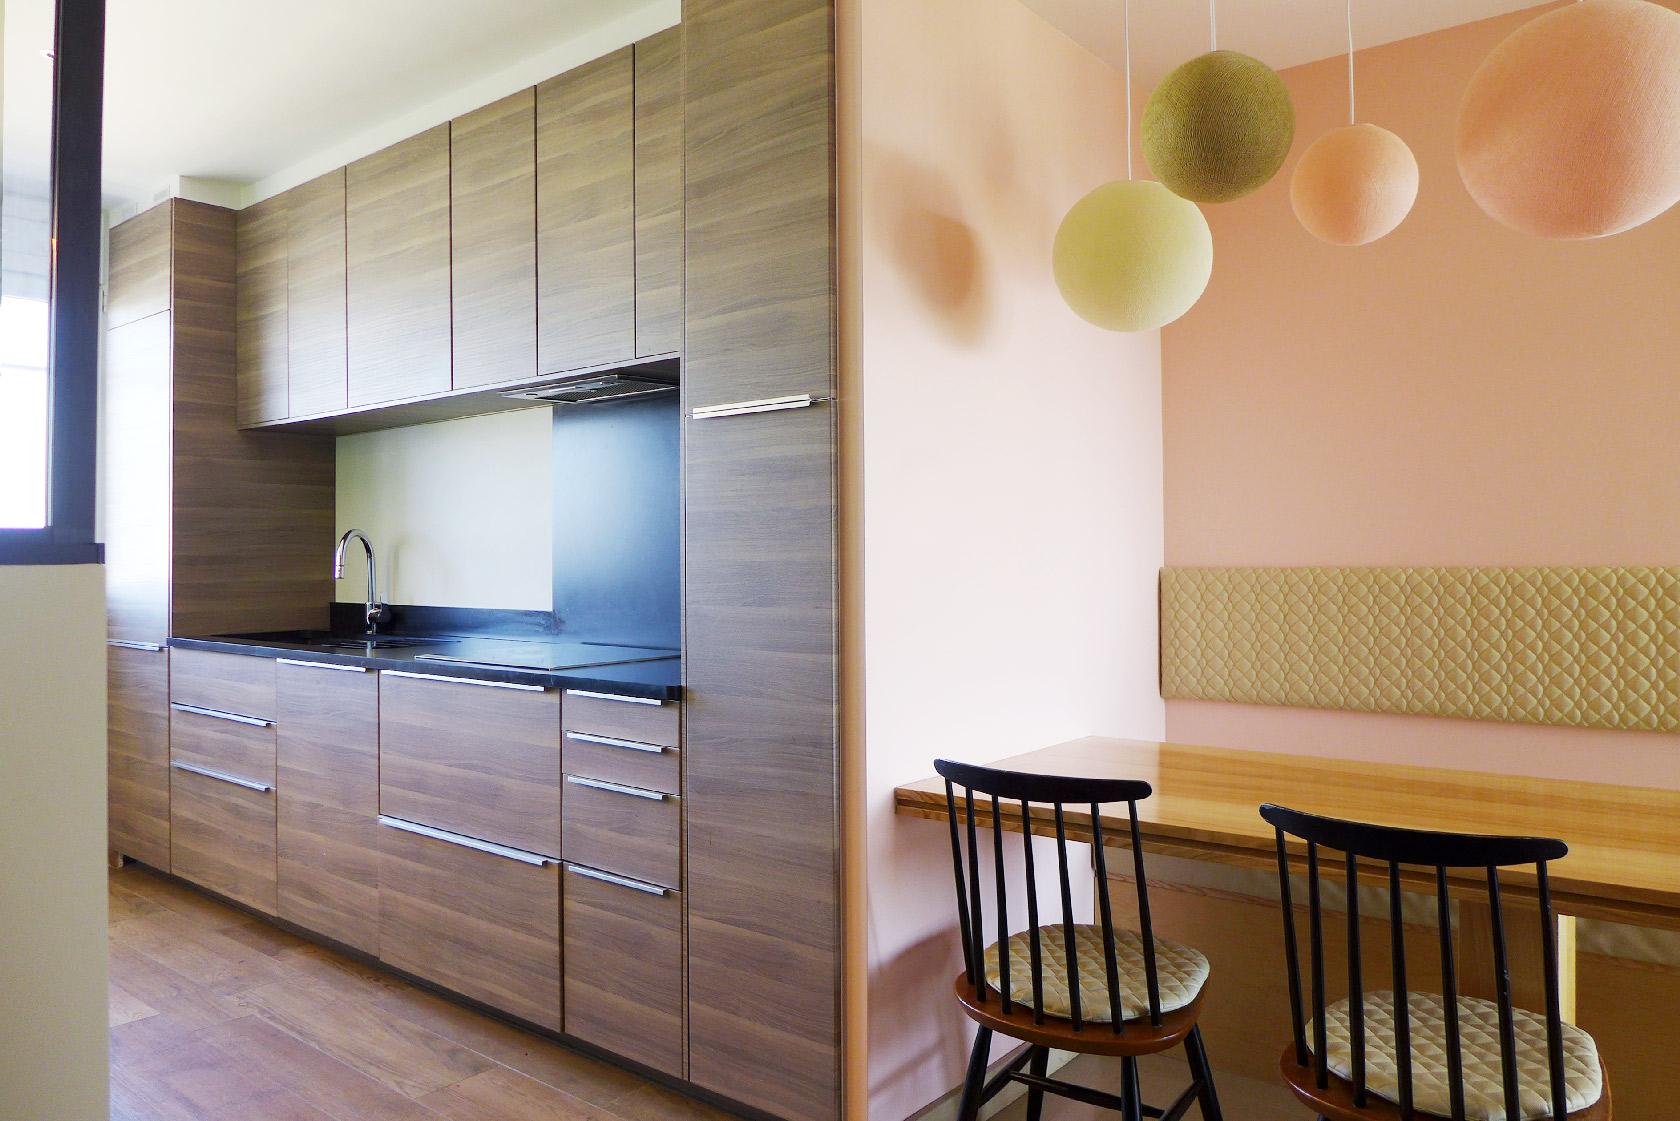 Vue d'une cuisine contemporaine. façades en bois foncé. Coin-repas avec banquette. Mur rose pâle. Suspensions multiples colorées.